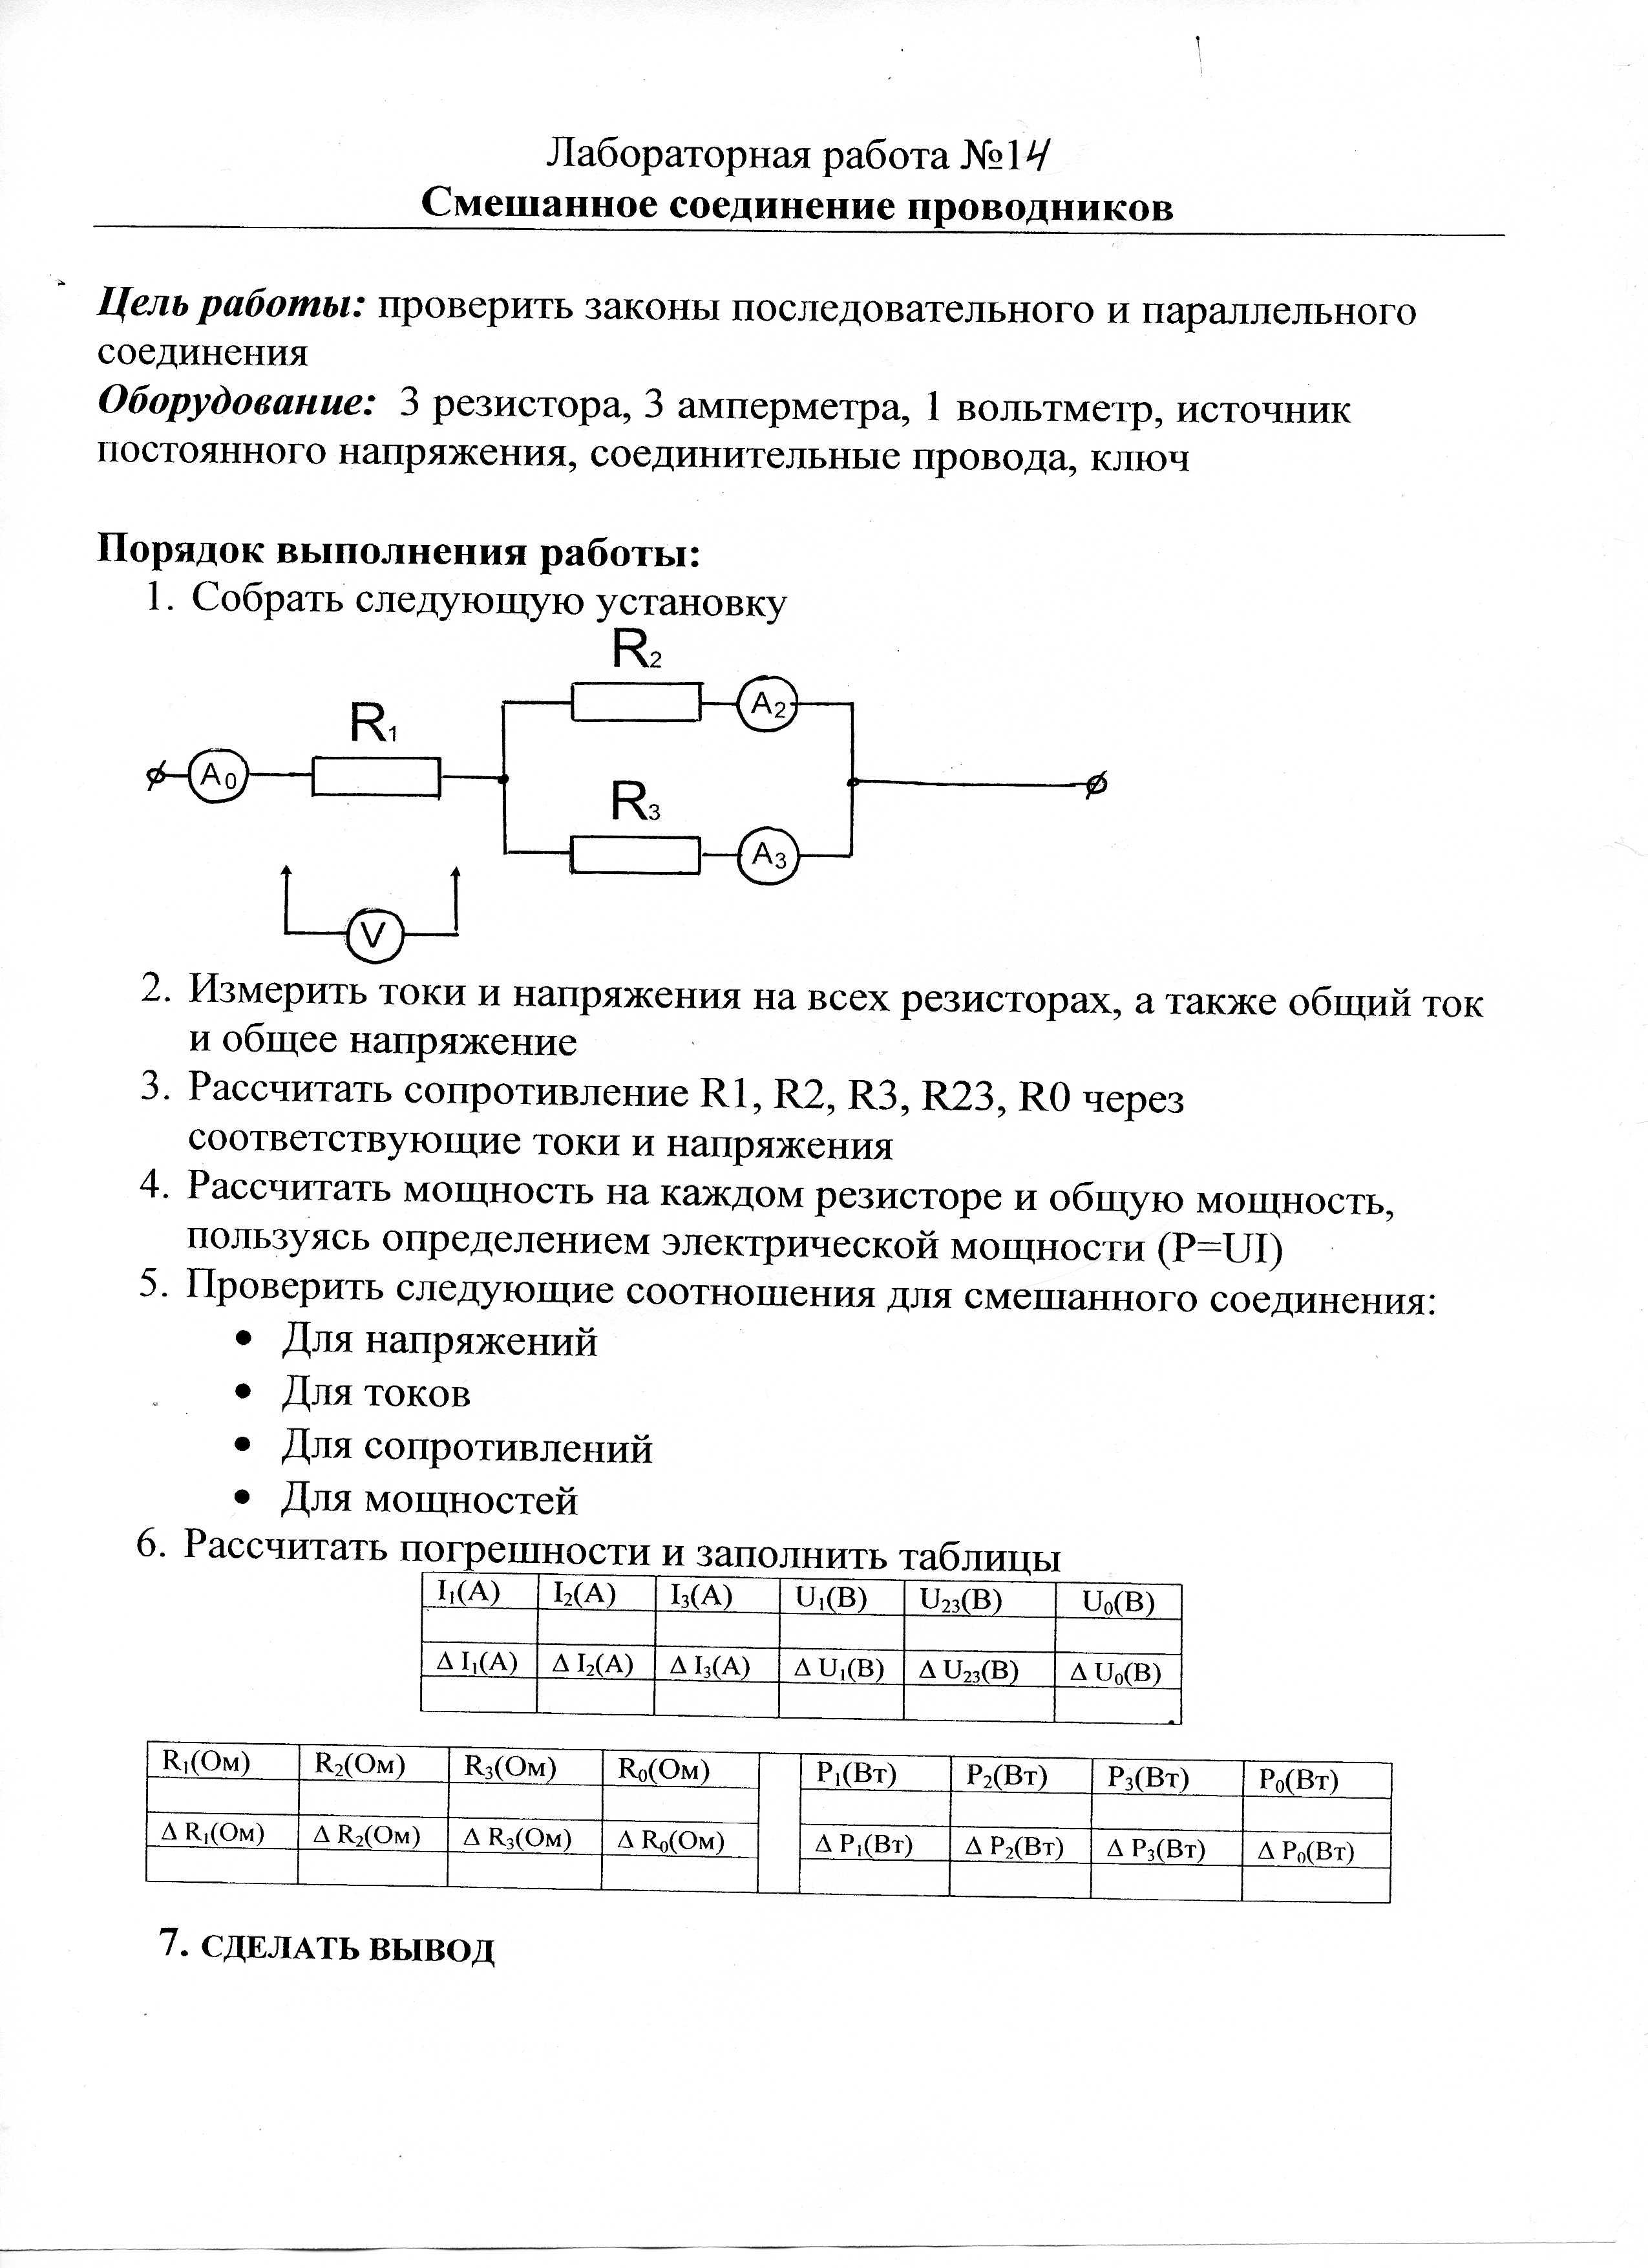 Контрольные работы задания по физике 10 класс тихомирова